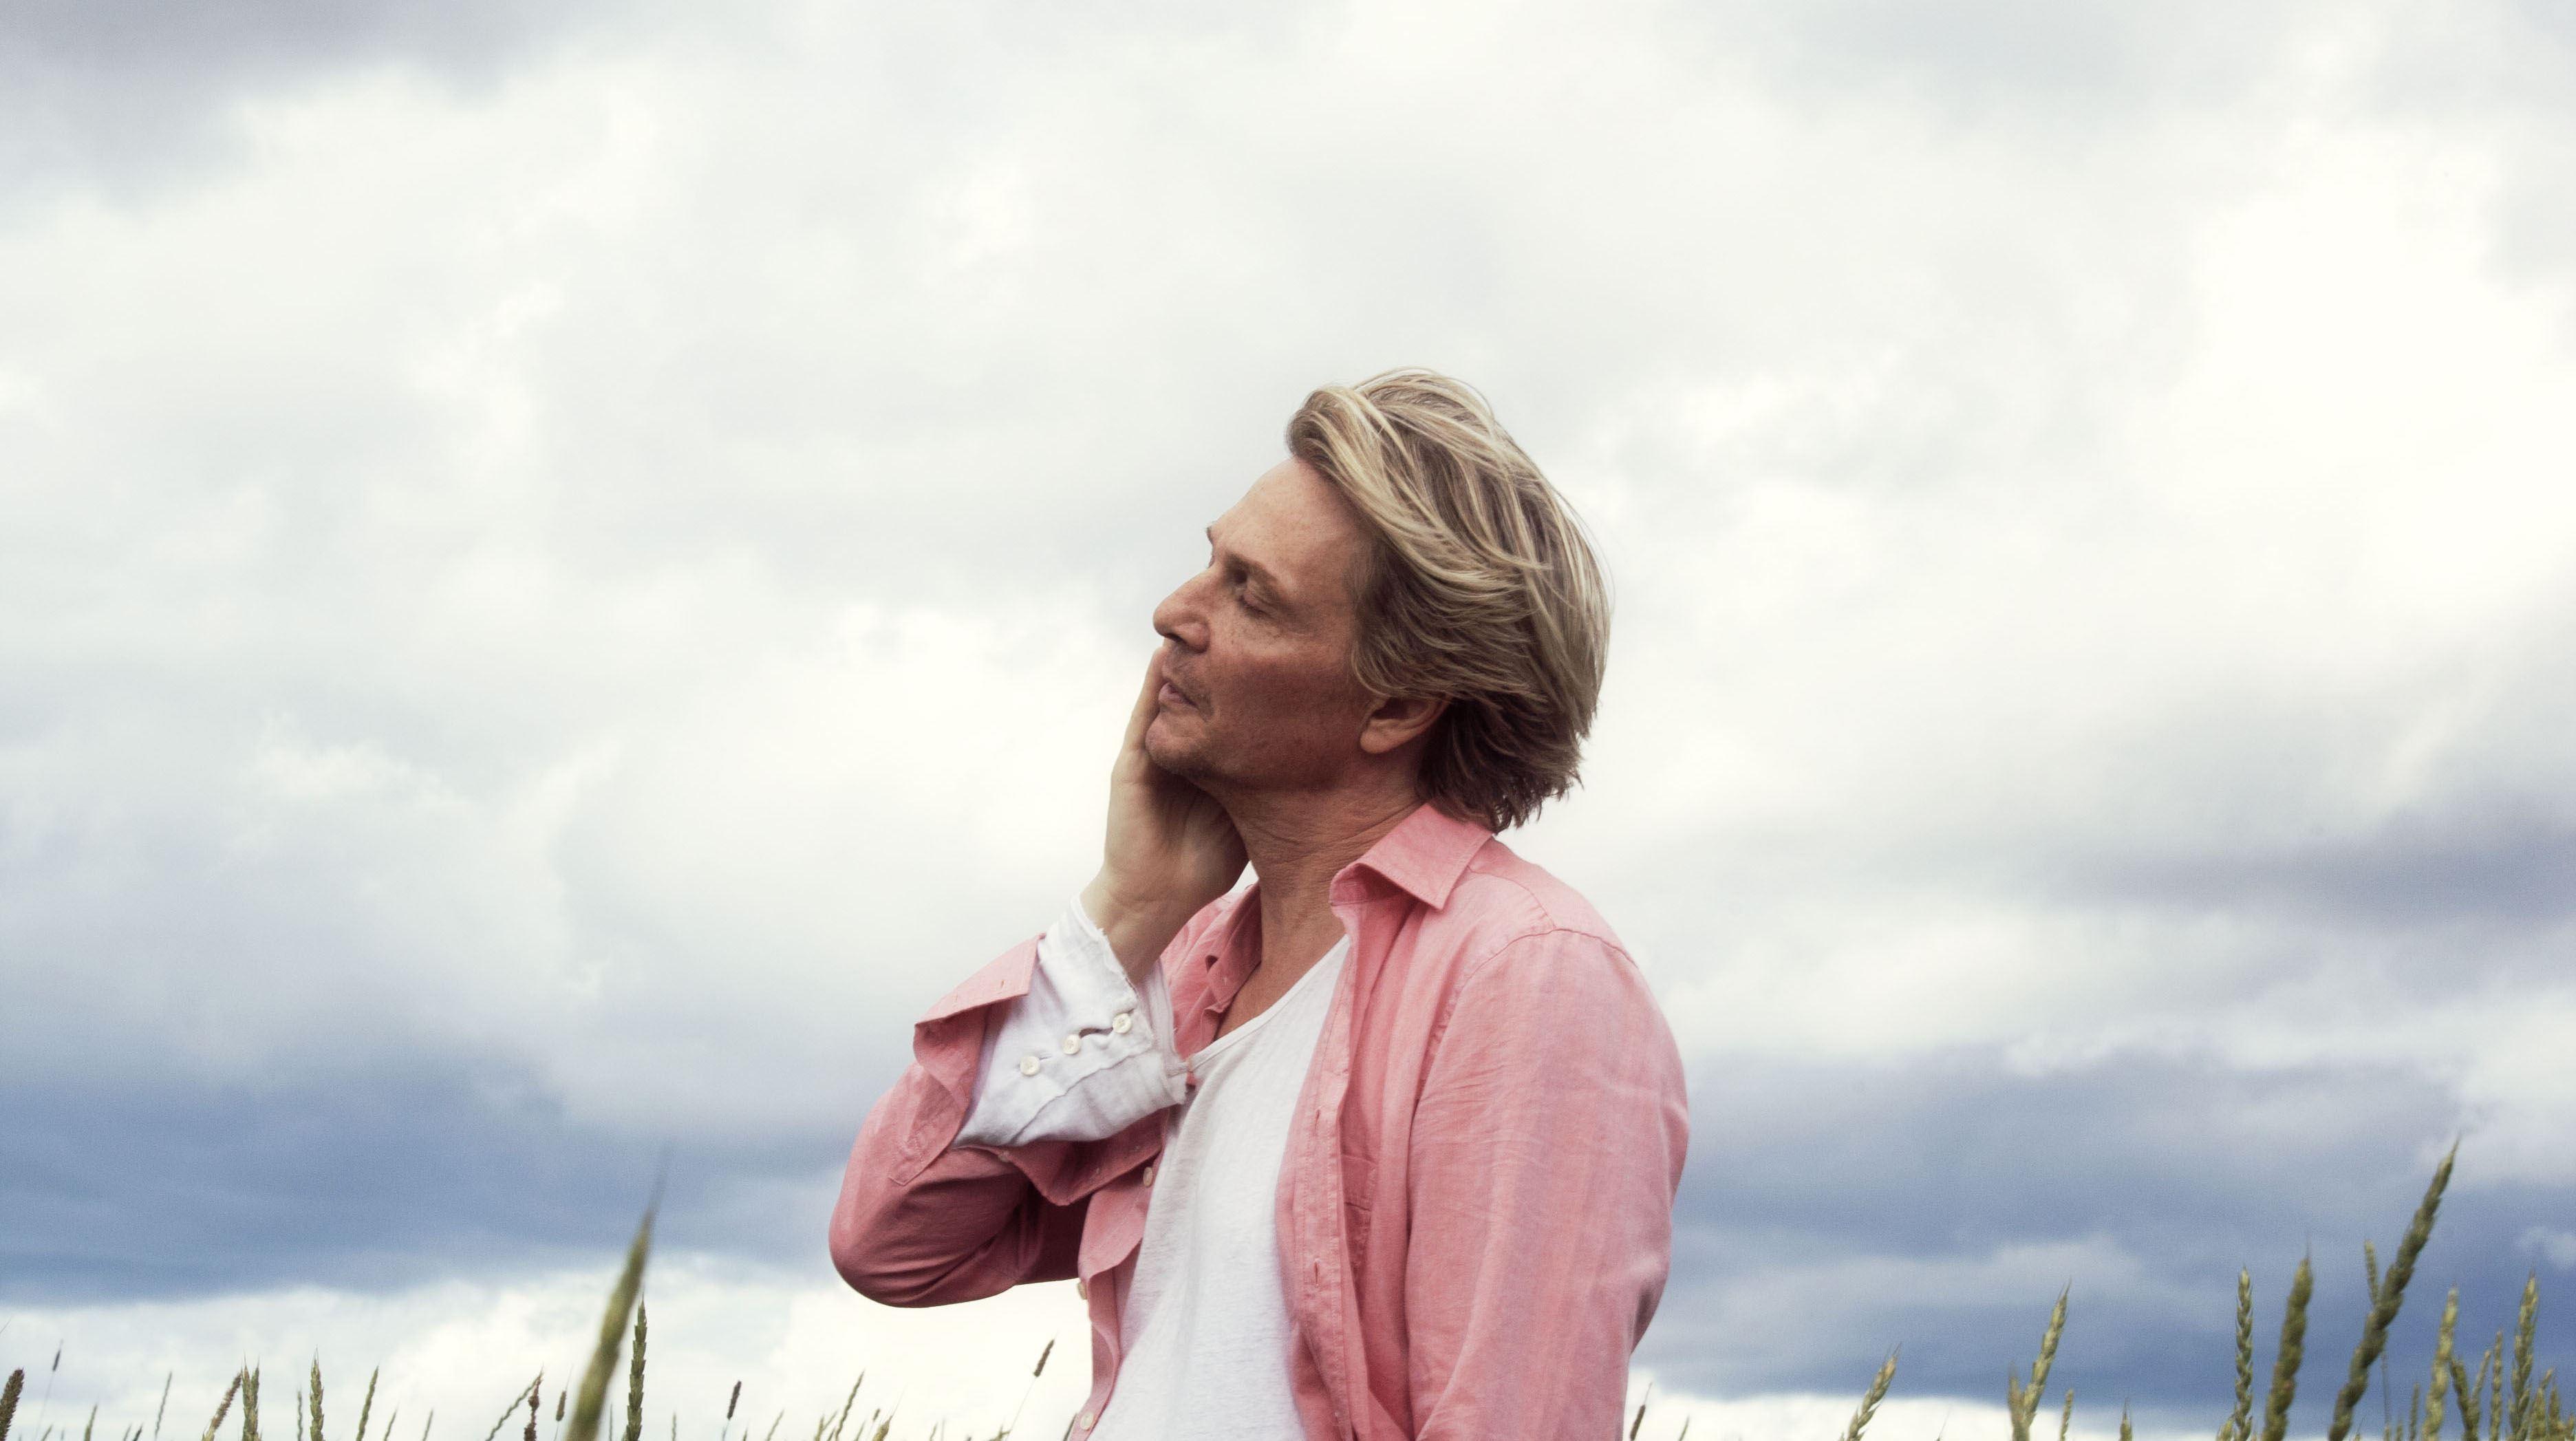 Tommy Nilsson - Allt som jag känner